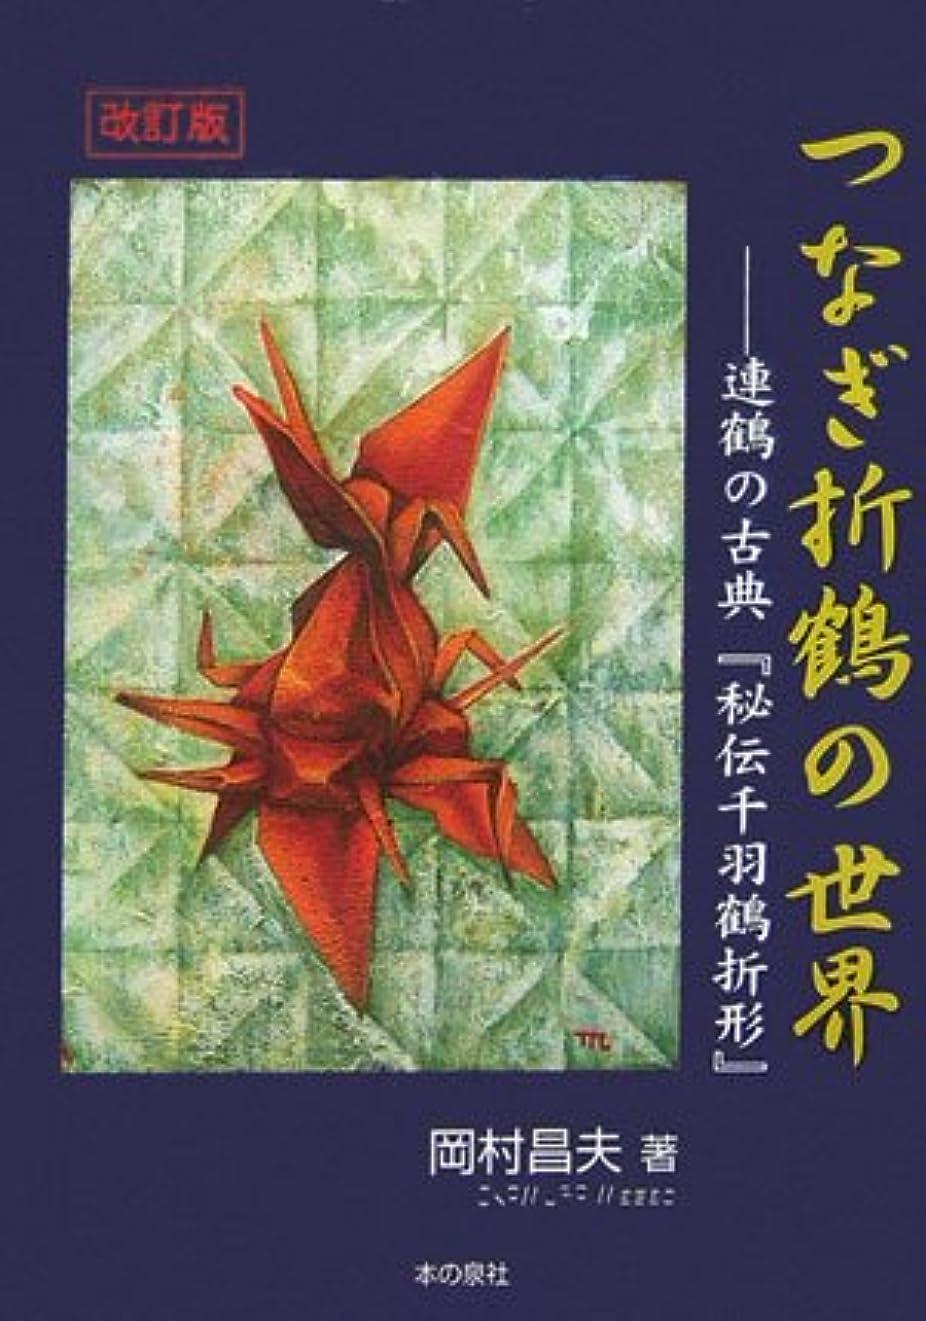 家事当社繁栄改訂版 つなぎ折鶴の世界―連鶴の古典『秘伝千羽鶴折形』